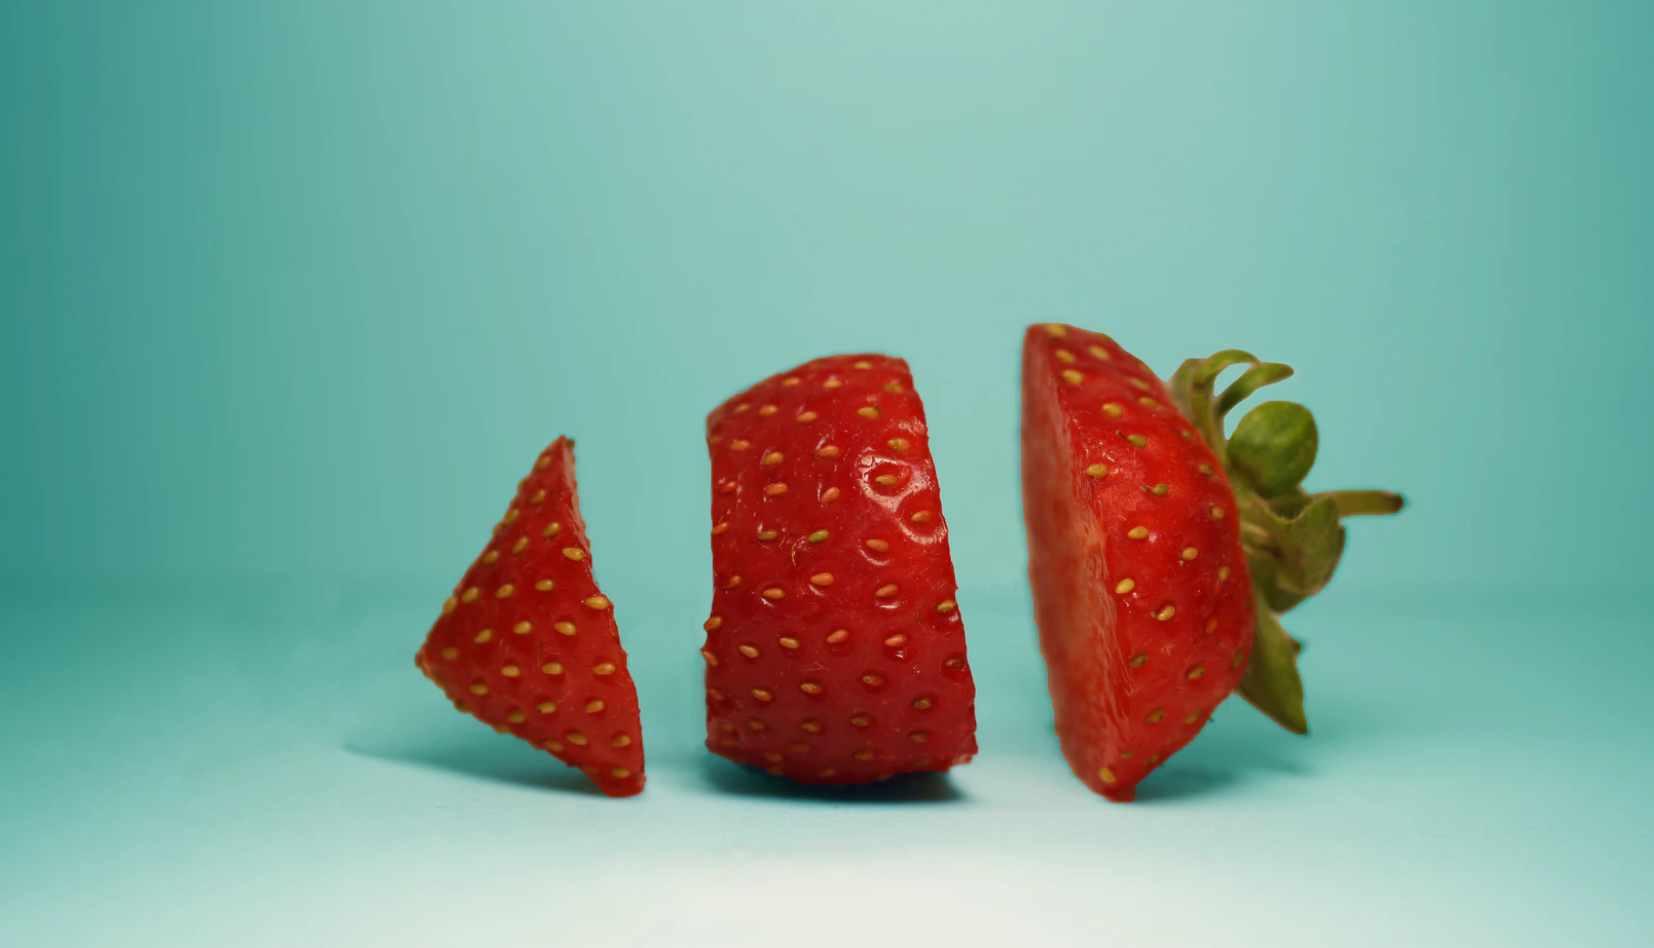 Manfaat Strawberry Untuk Mempertajam Otak